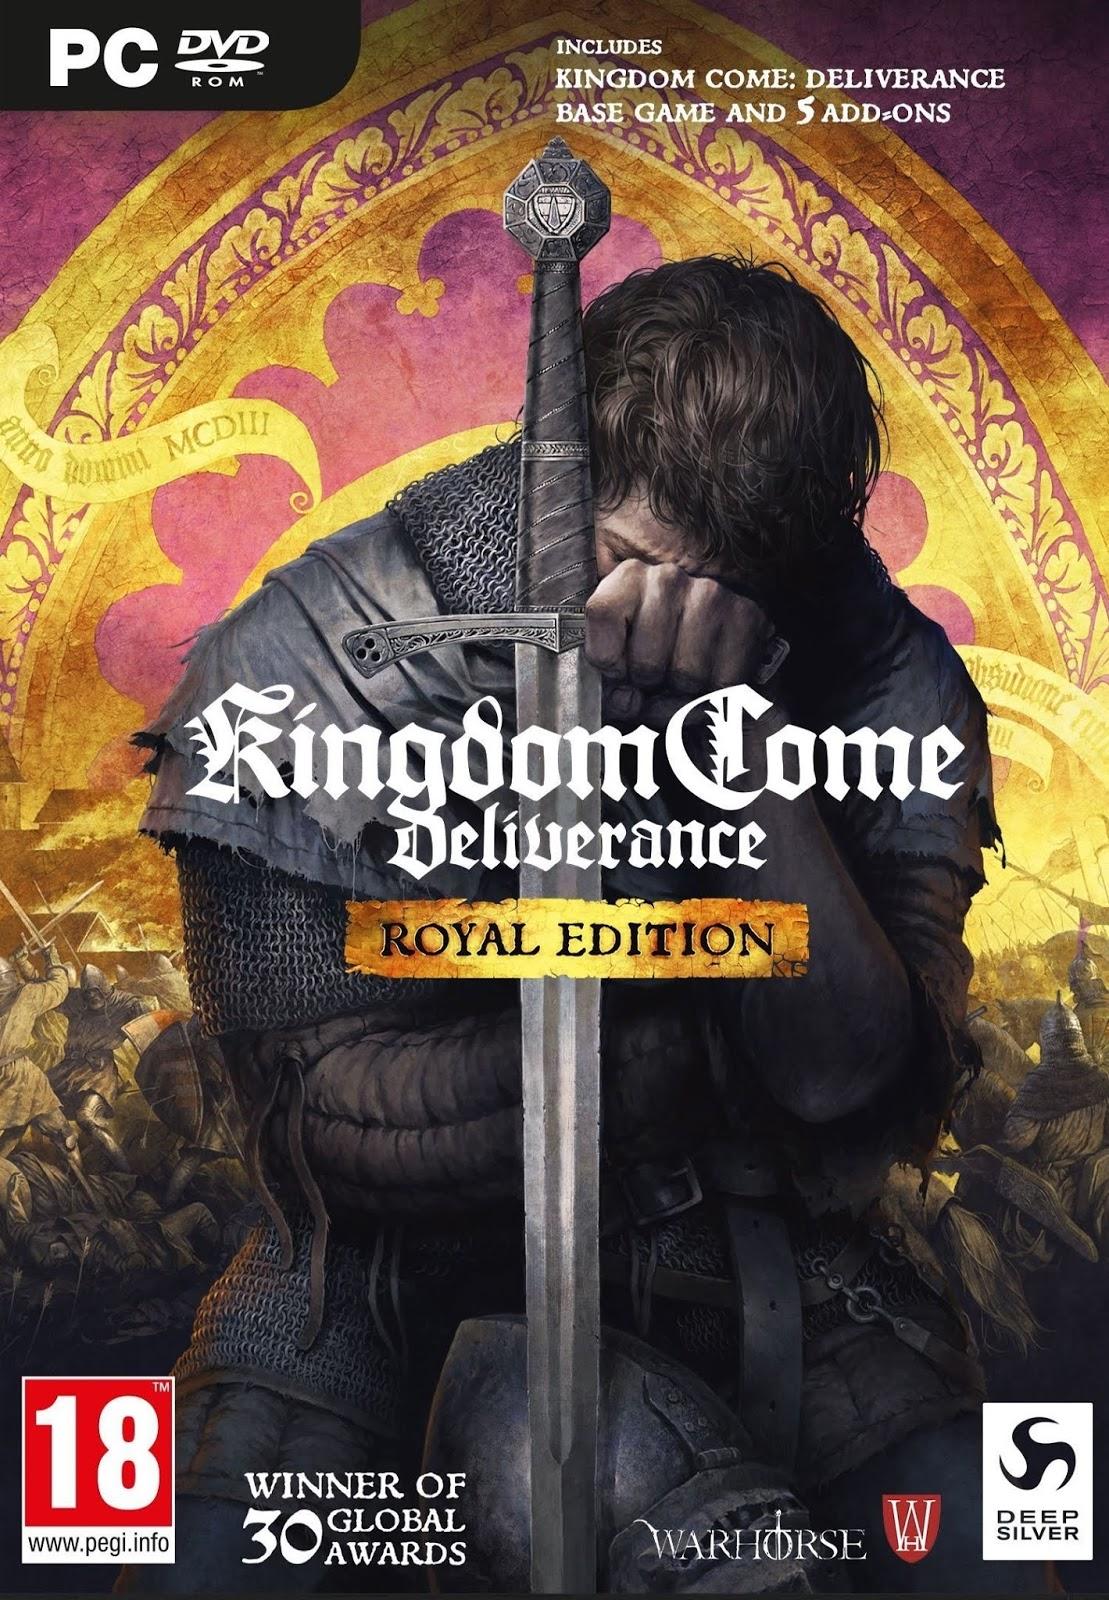 Descargar Kingdom Come Deliverance PC Cover Caratula